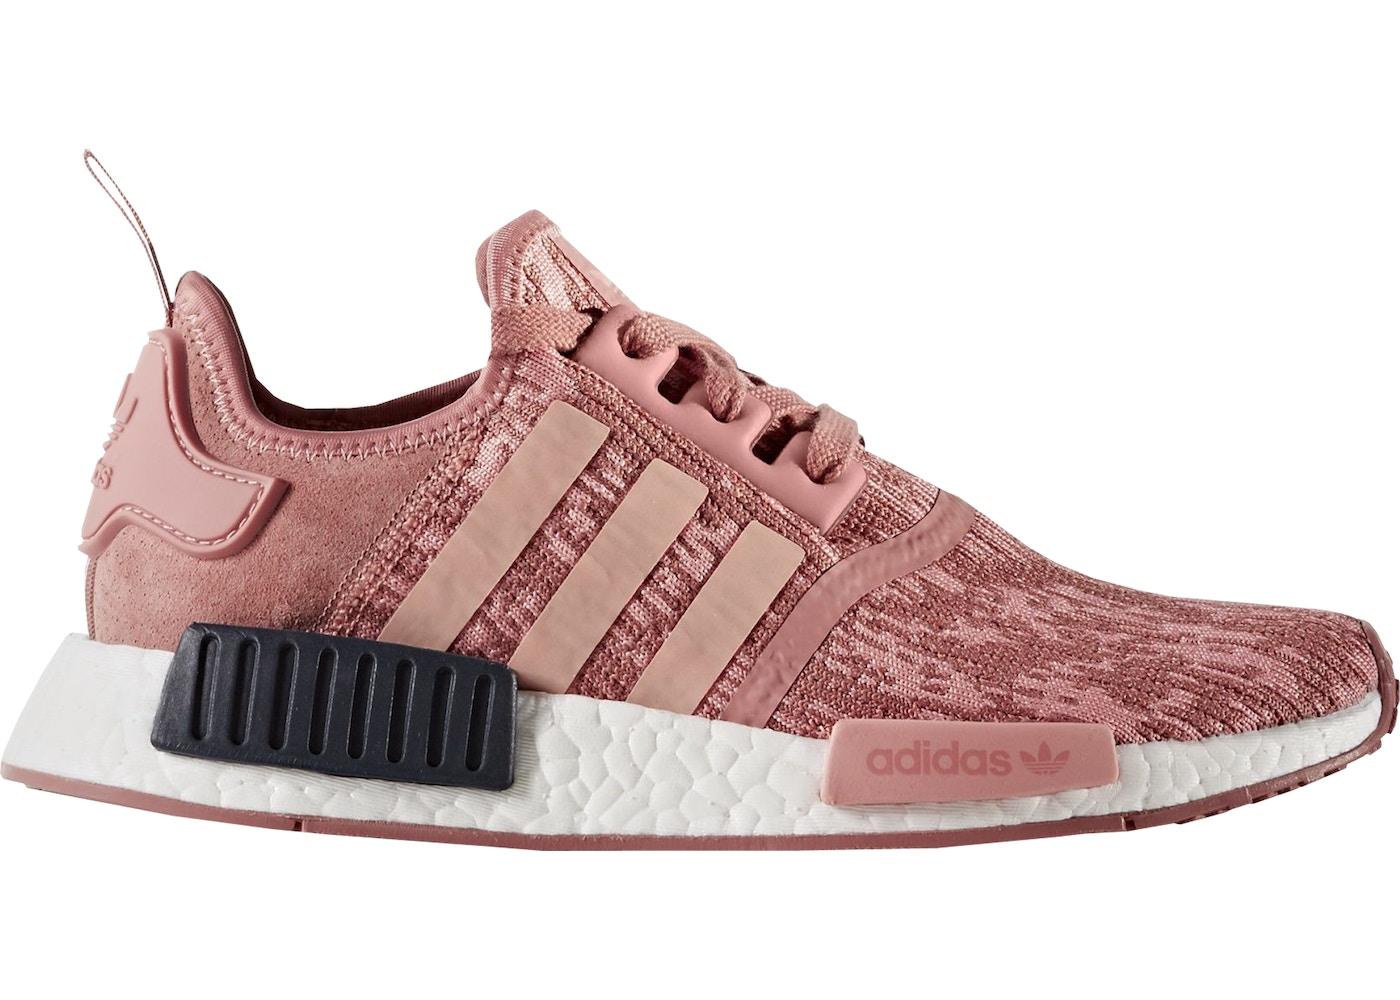 online store b916d 84d41 adidas NMD R1 Raw Pink Glitch (W)